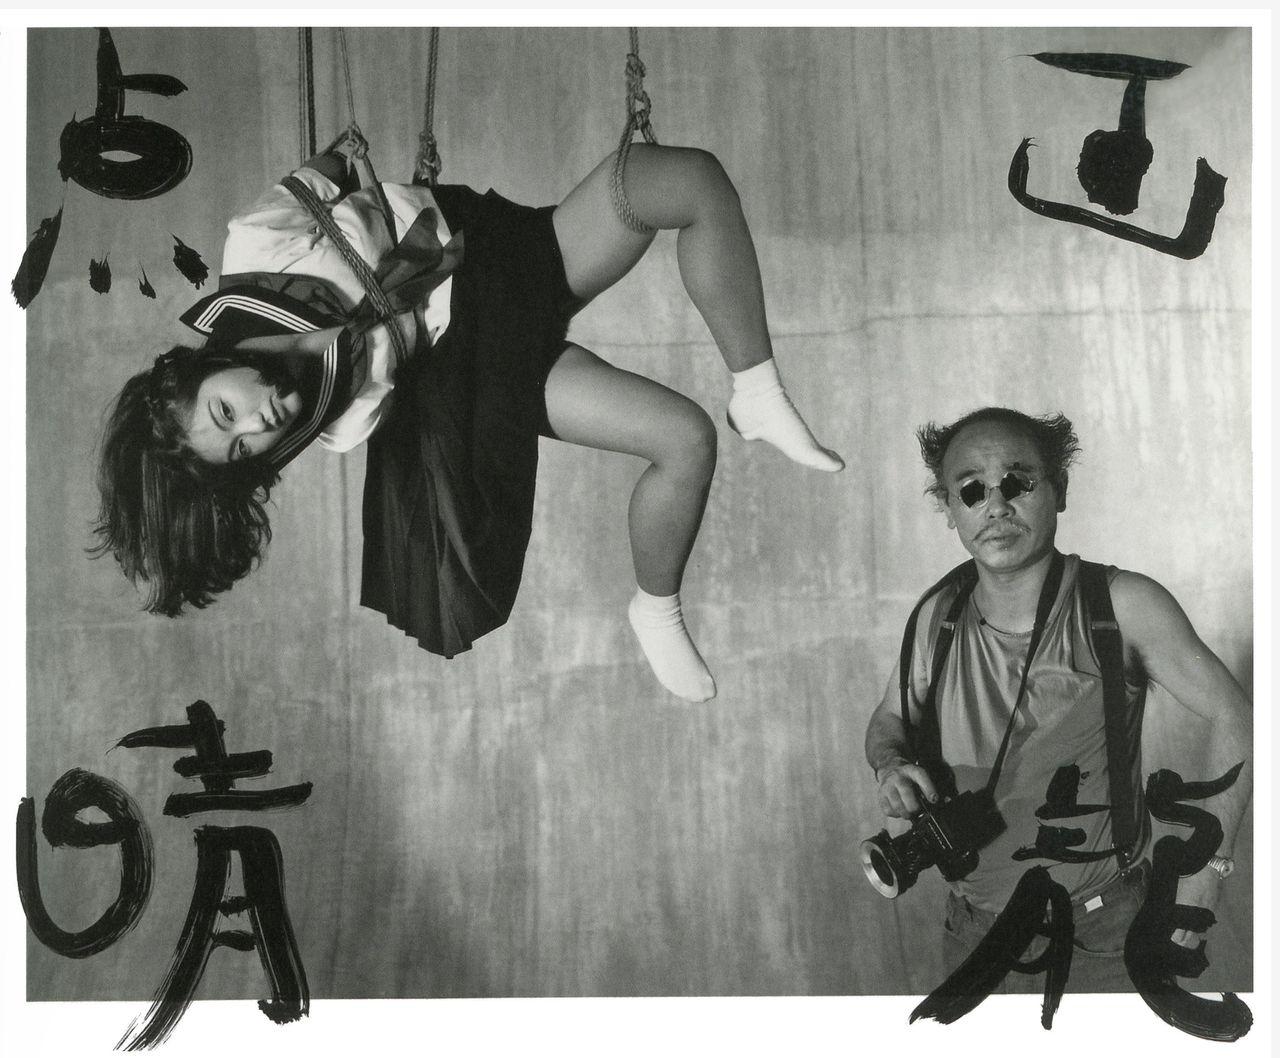 """Nobuyoshi Araki, """"Marvelous Tales of Black Ink,"""" 2007. Sumi ink on black and white photograph."""